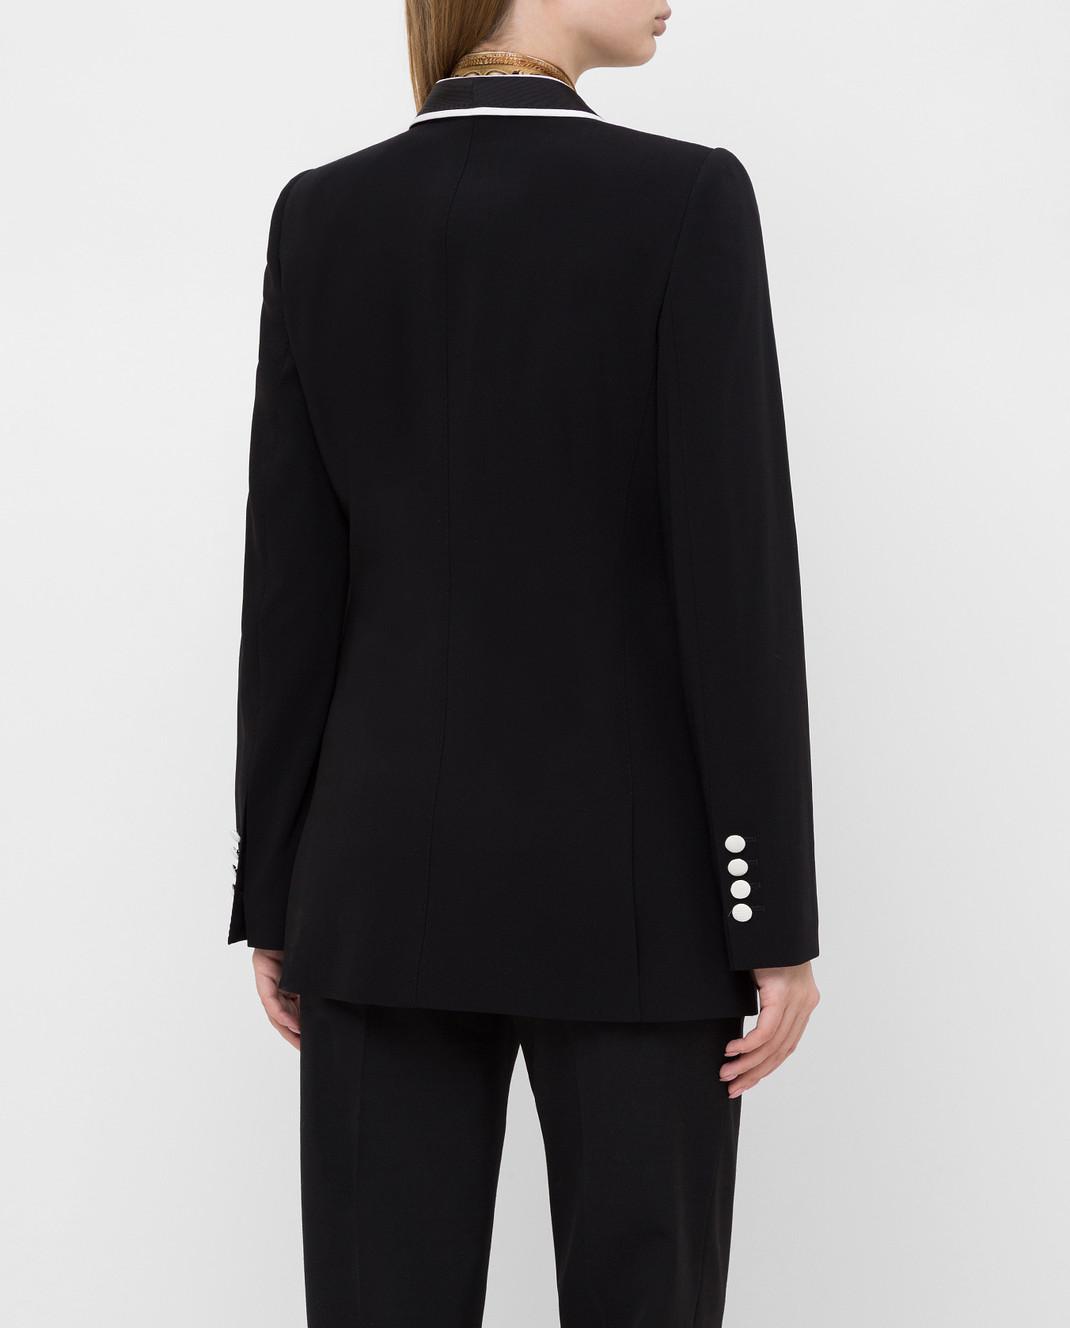 Dolce&Gabbana Черный жакет из шерсти изображение 4